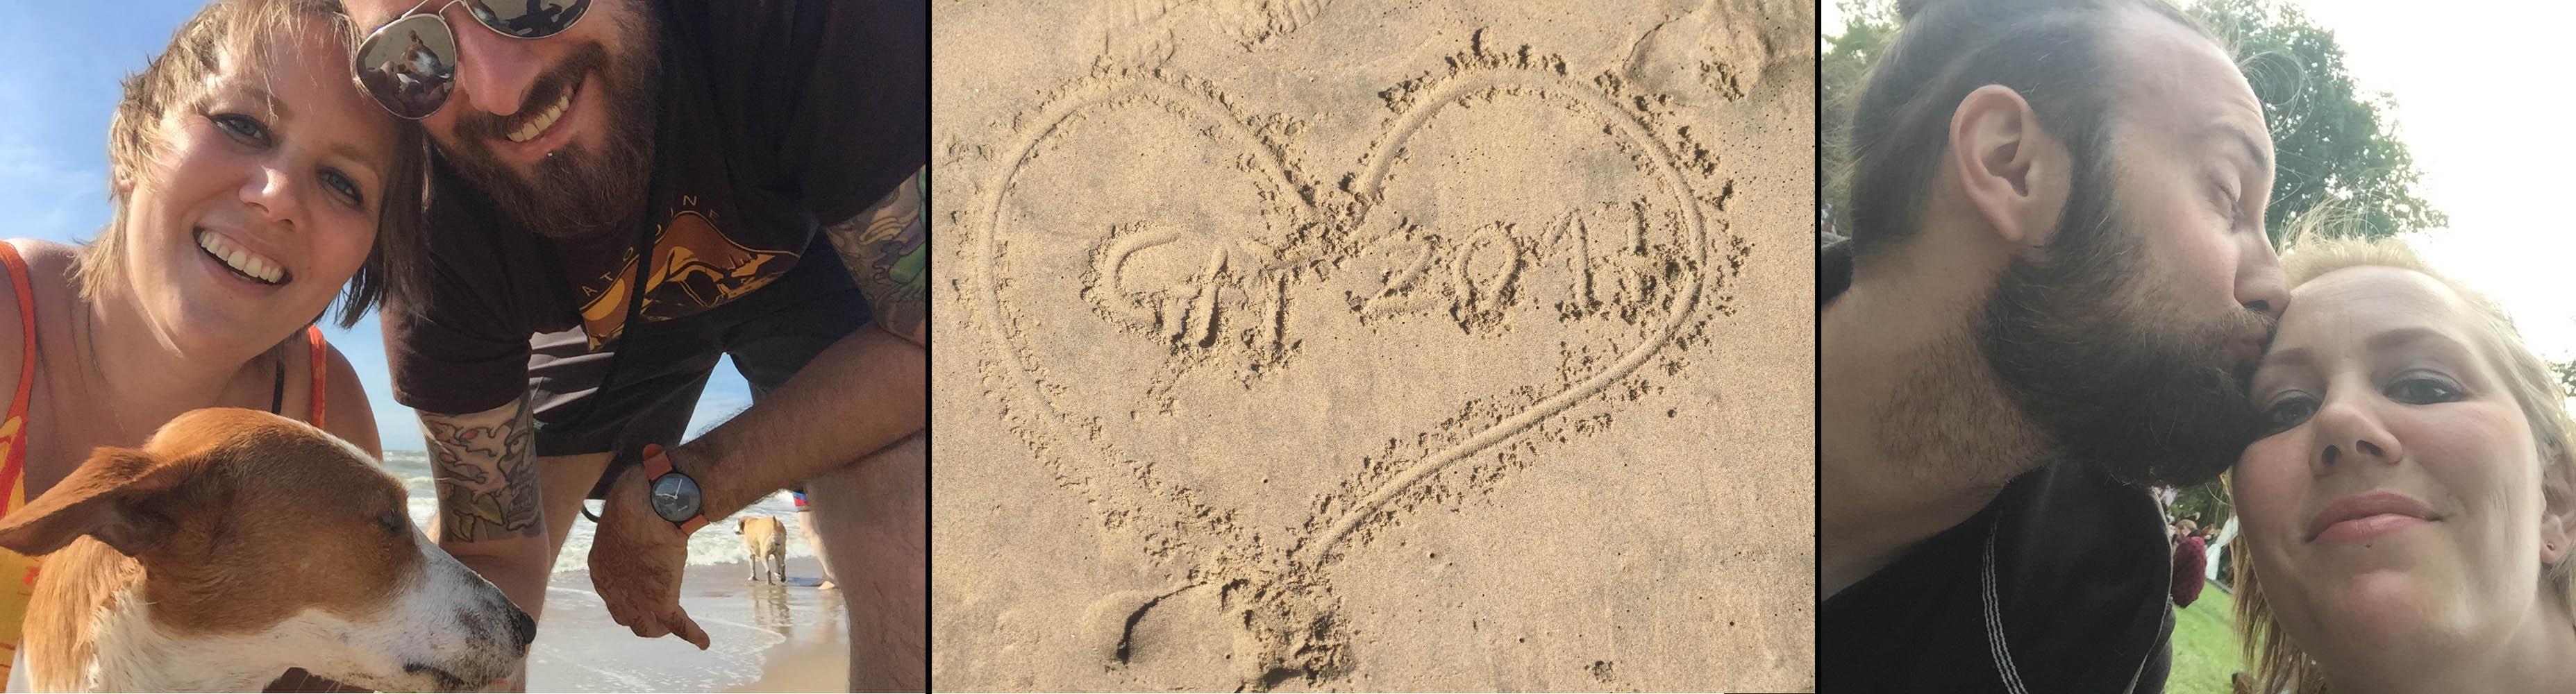 Lieblingsmensch, Zeit für uns, Couplegoals, Urlaub, Strand, Meer, Familie